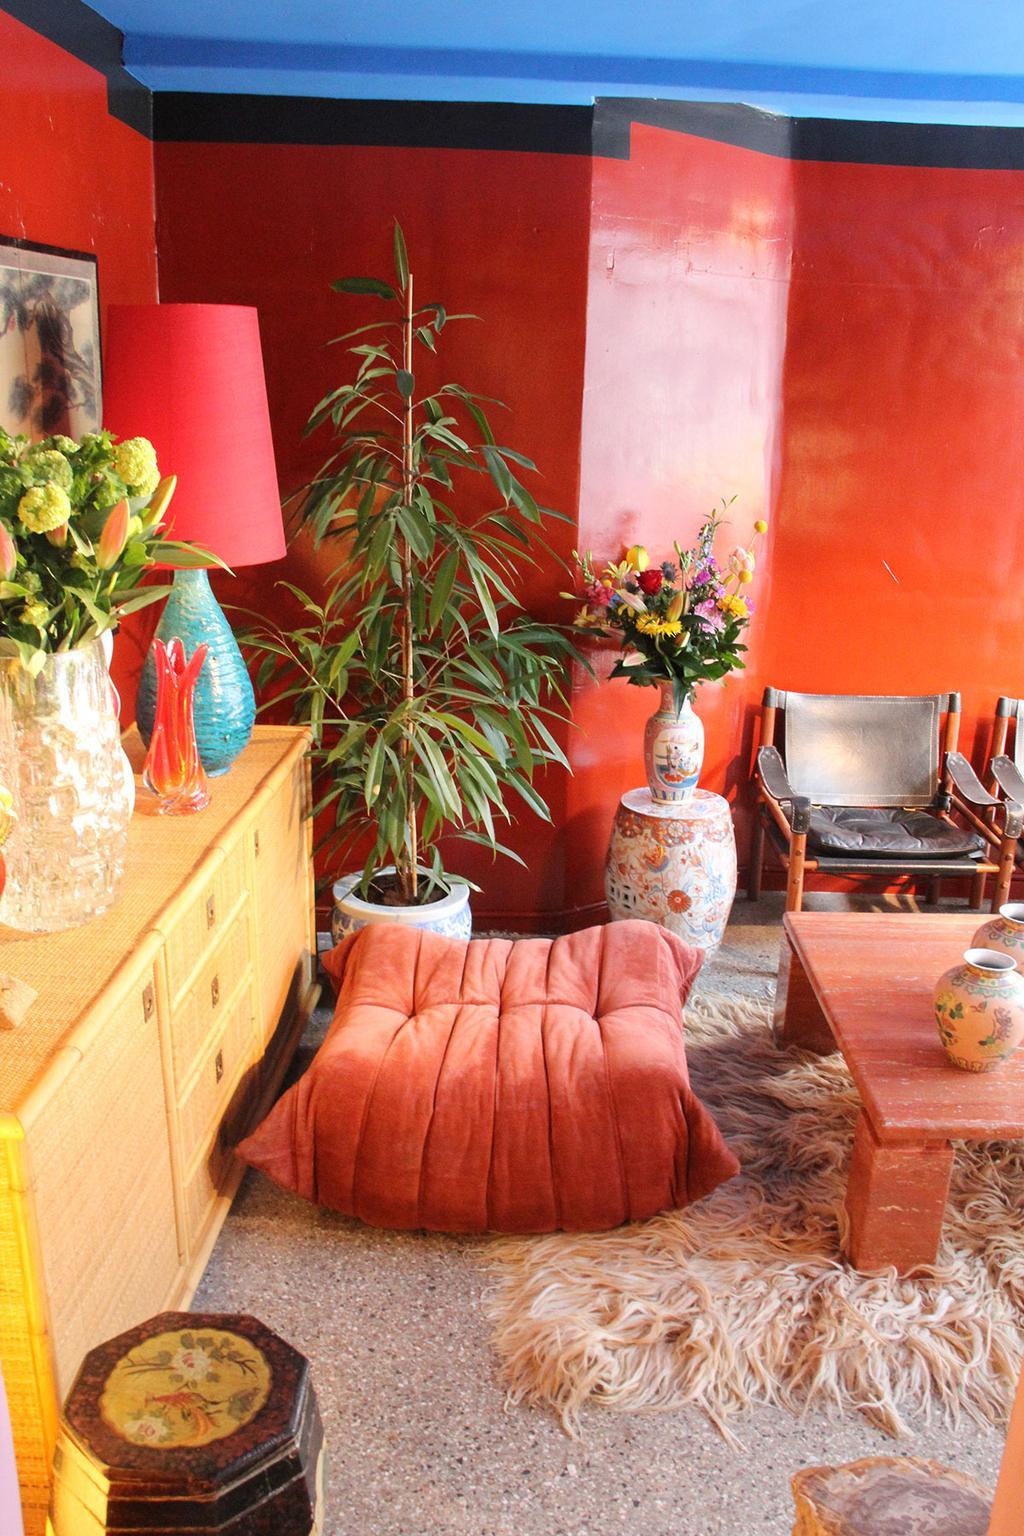 Interieurwinkel Paulette in 't Stad in Antwerpen